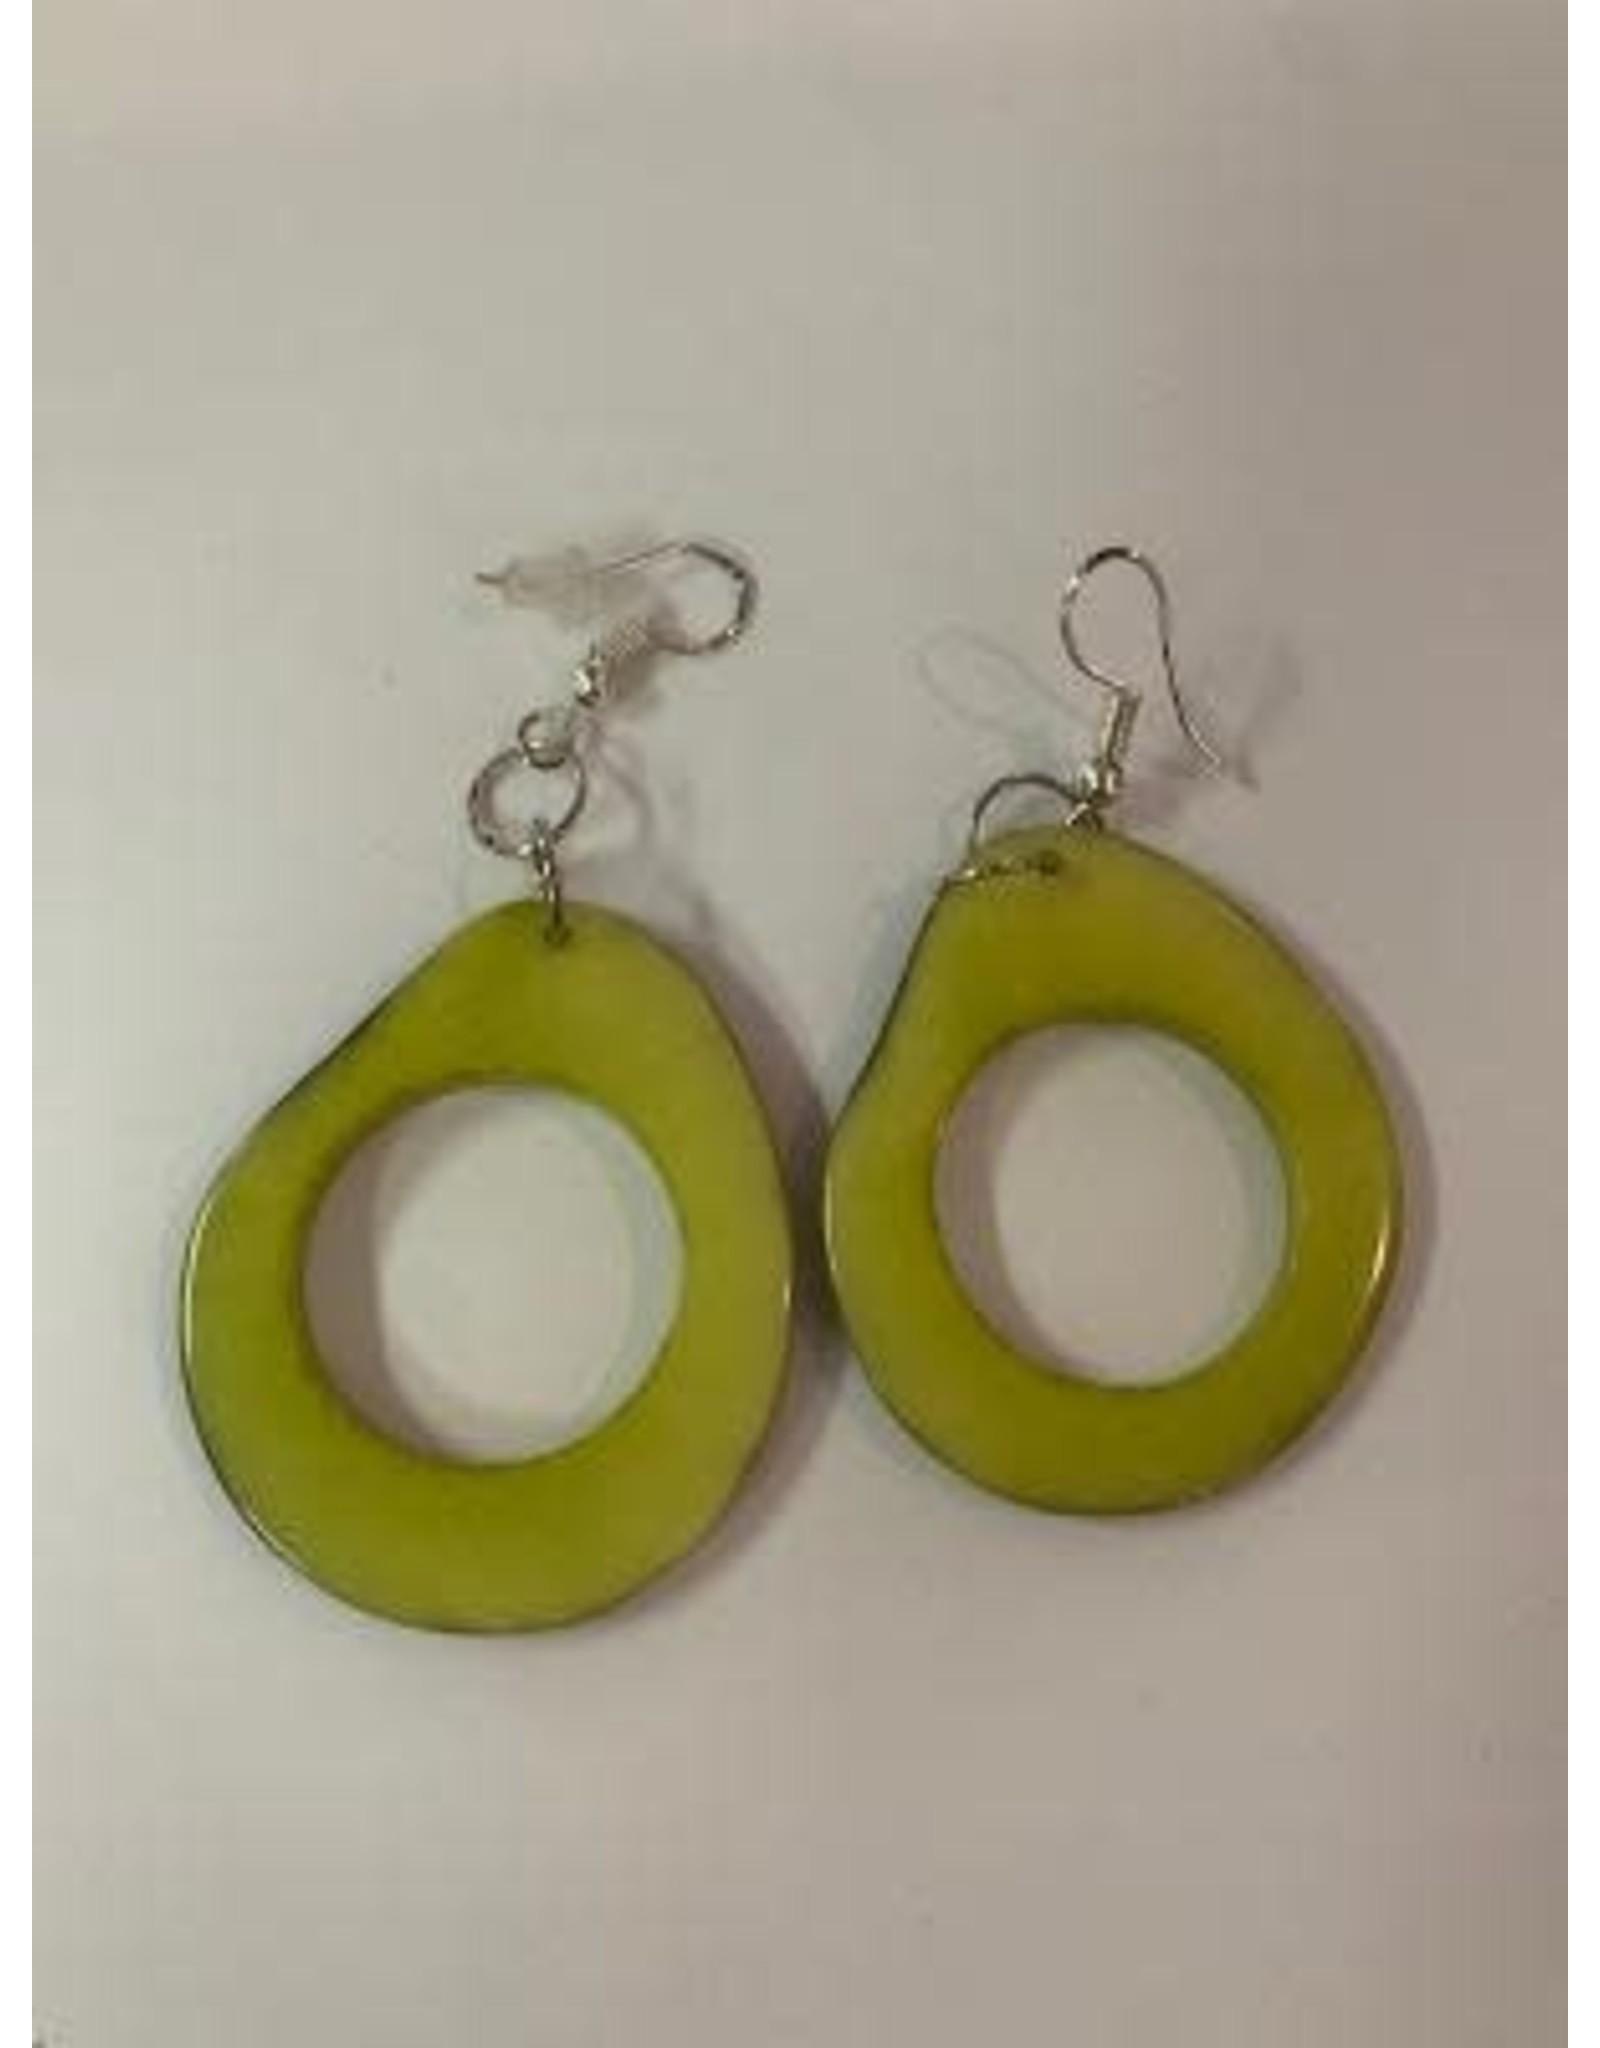 Tagua Fashion Earrings, Lime Green Oval w/Hole, Ecuador